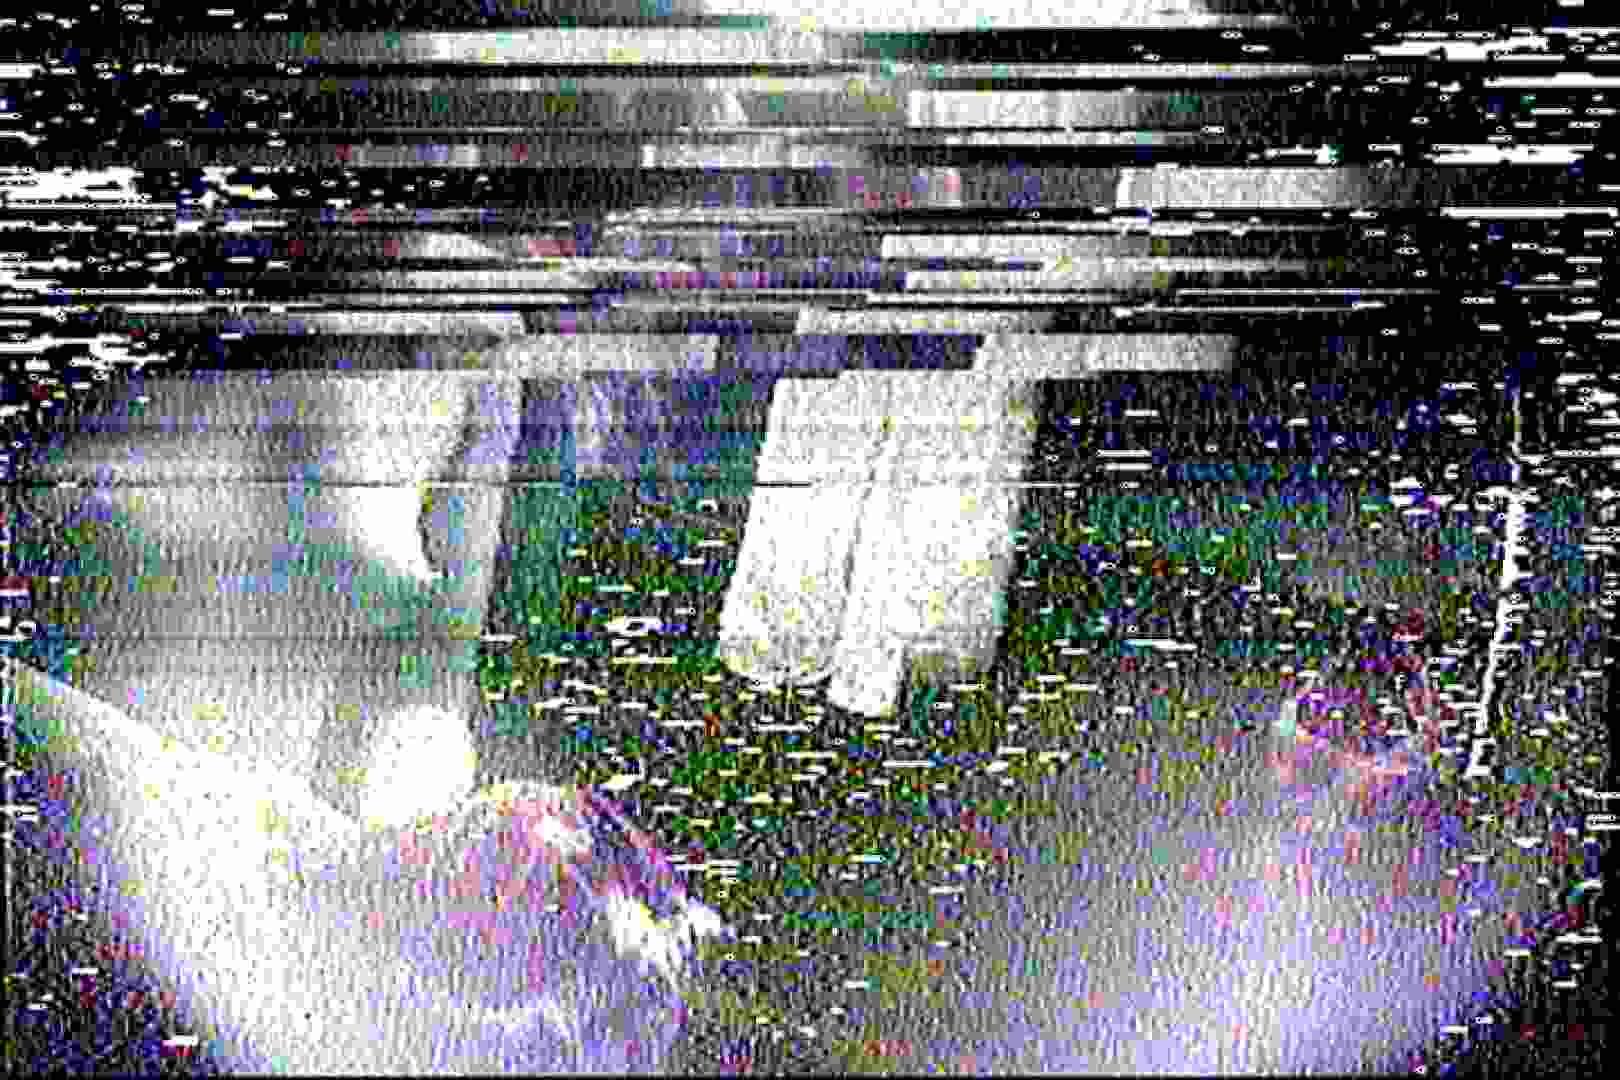 海の家の更衣室 Vol.27 シャワー室  89画像 7